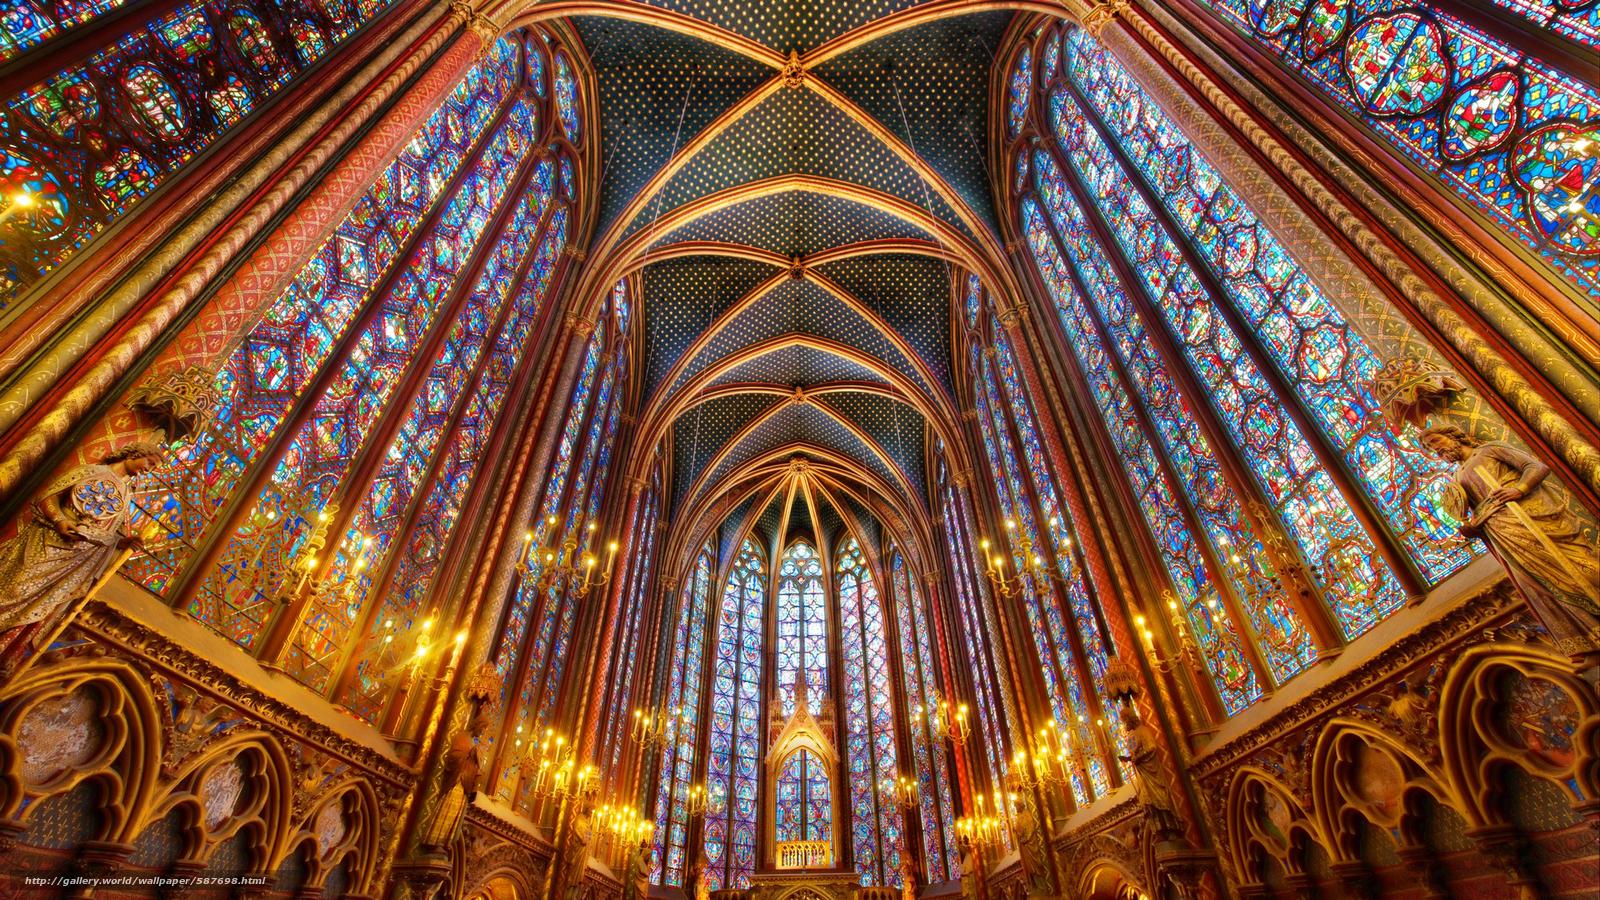 Scaricare gli sfondi colorato chiesa religione for Sfondi per desktop colorati